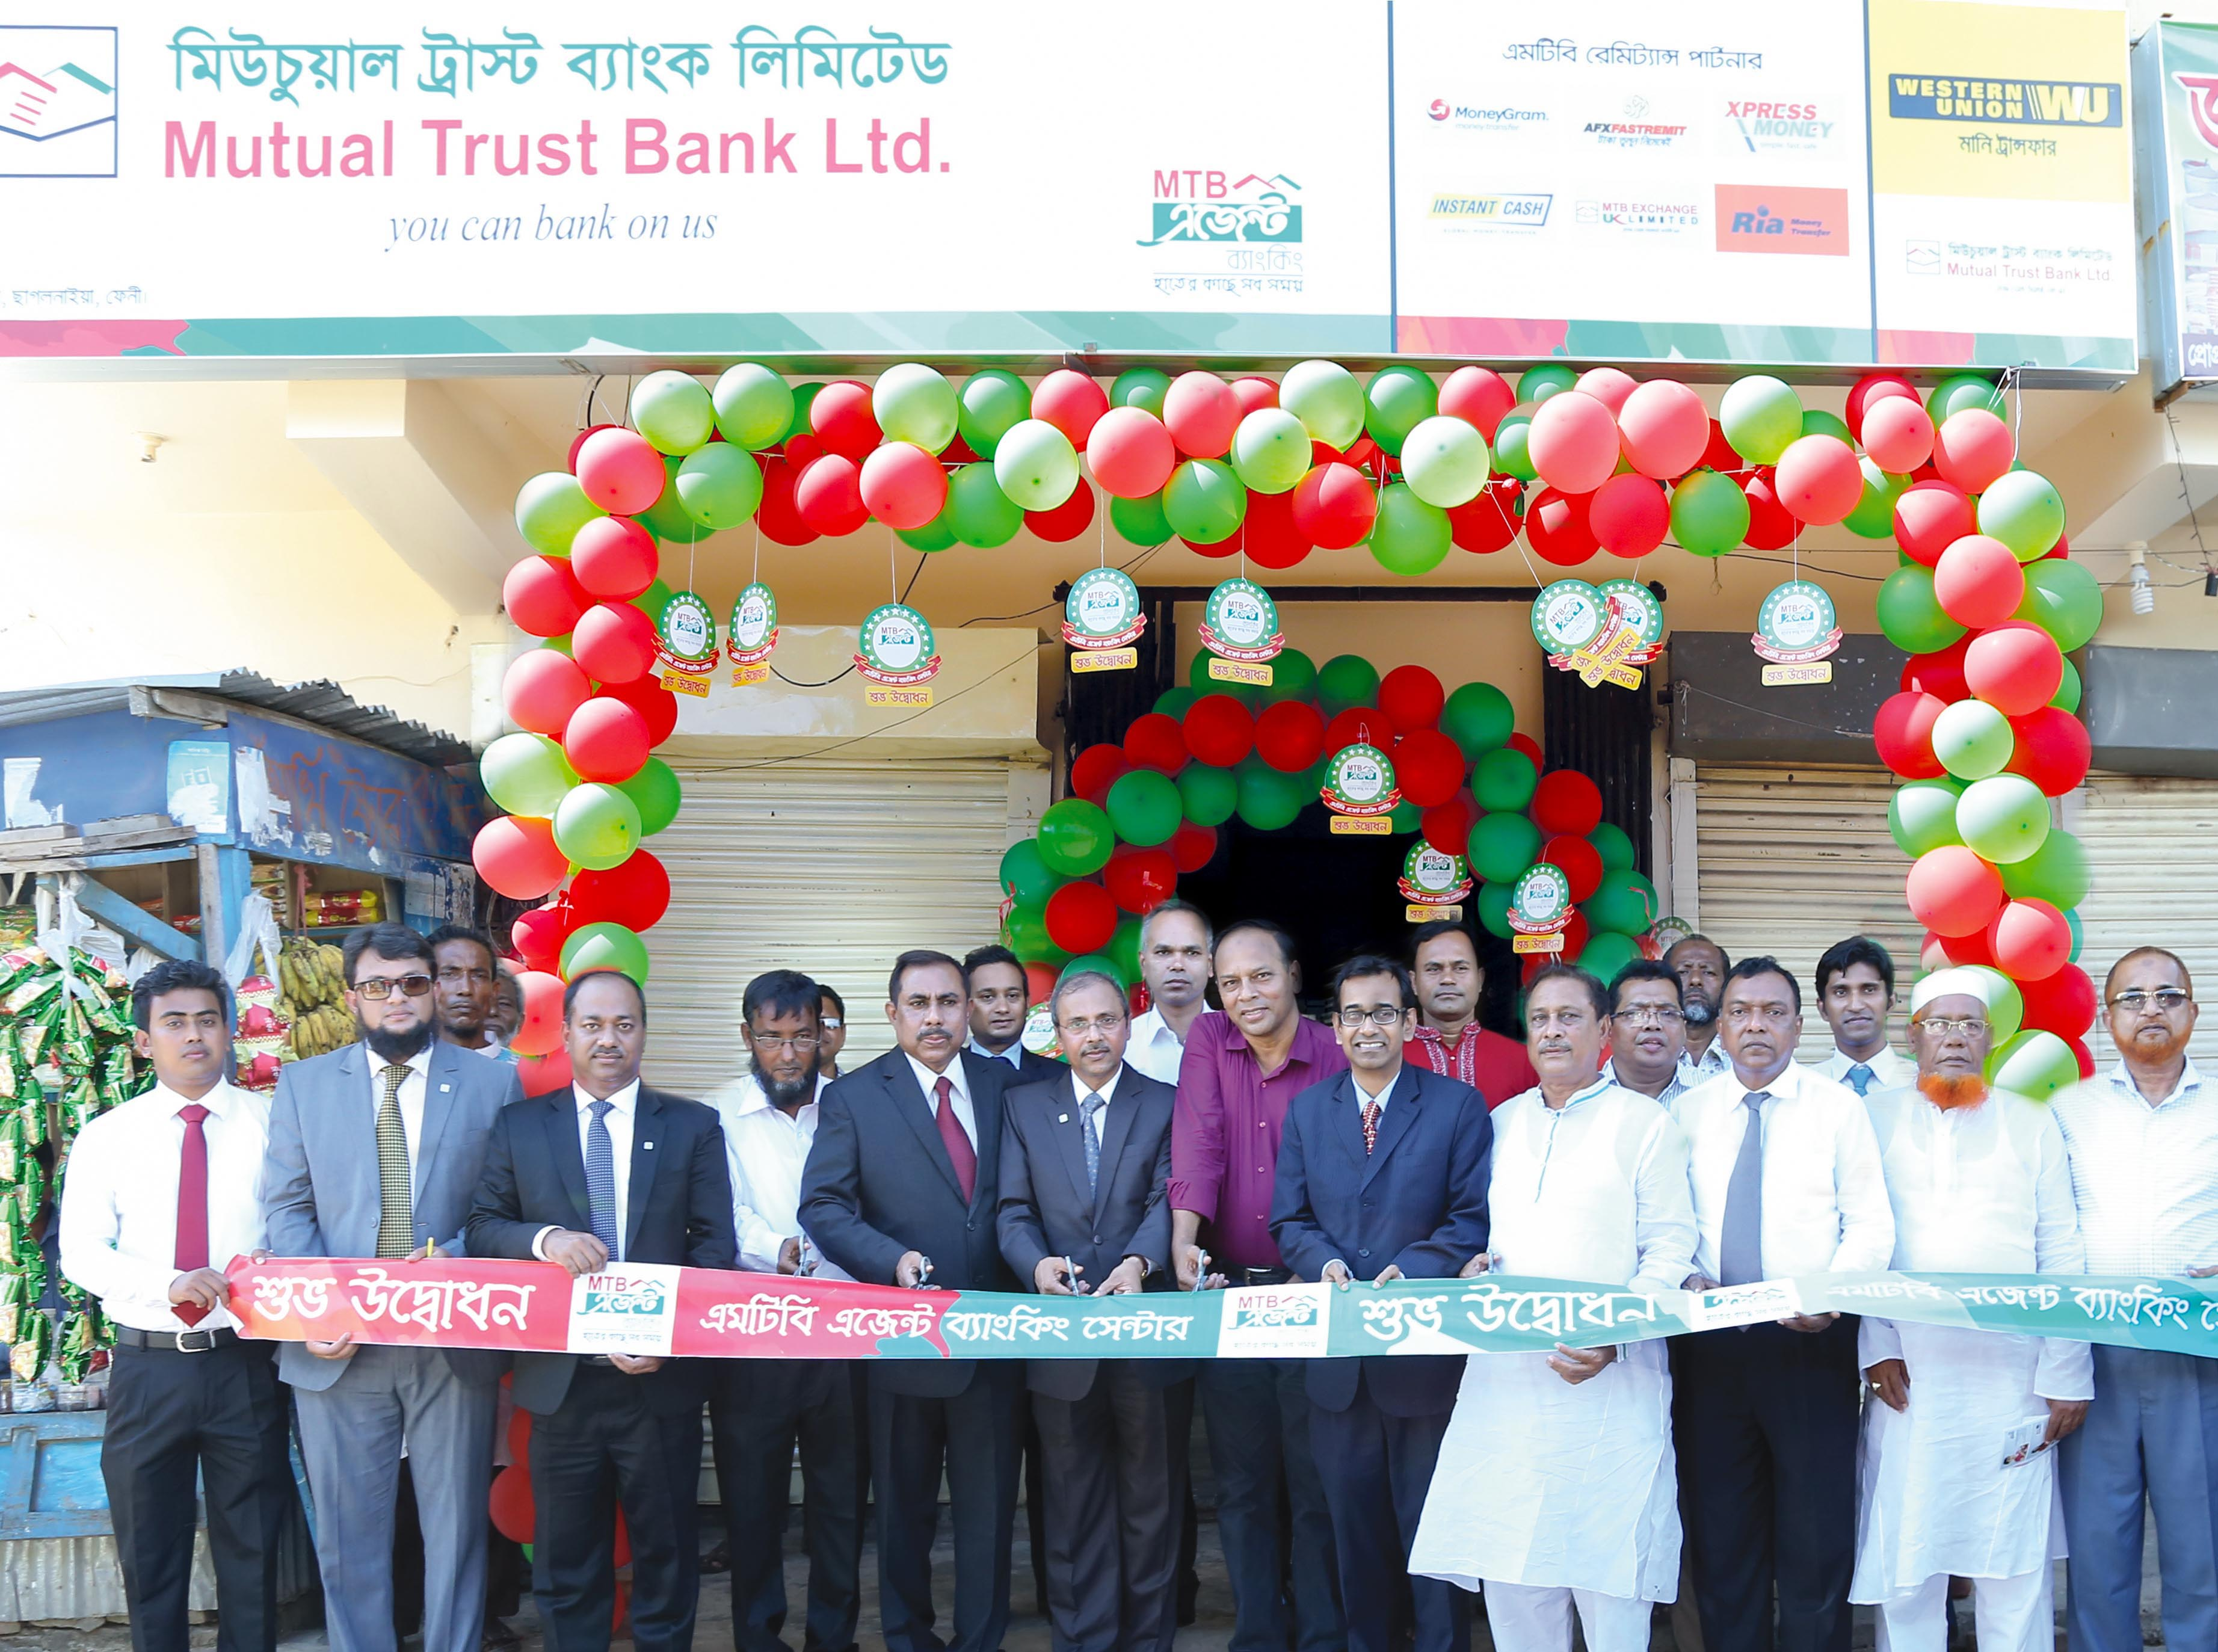 2016-11-21 MTB OPENS ITS 8TH AGENT BANKING CENTRE AT PATHAN NAGAR, CHHAGALNAIYA, FENI